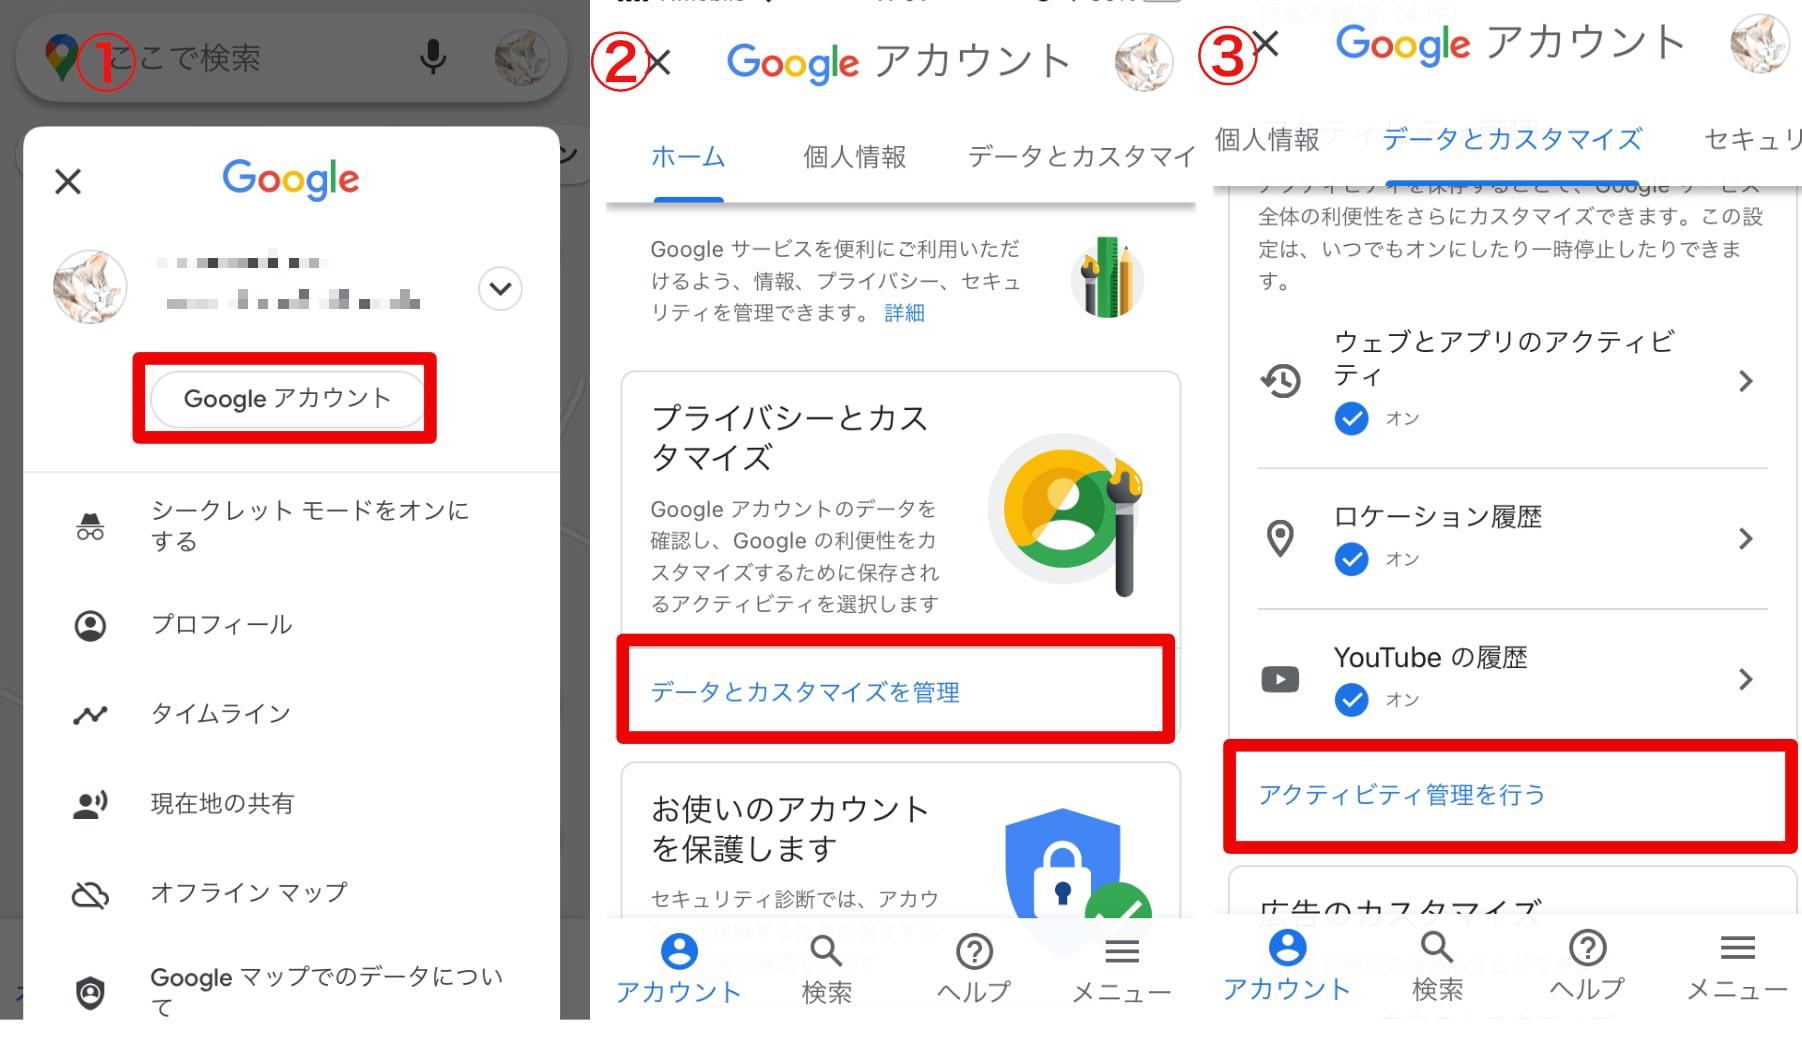 グーグル マップ 履歴 削除